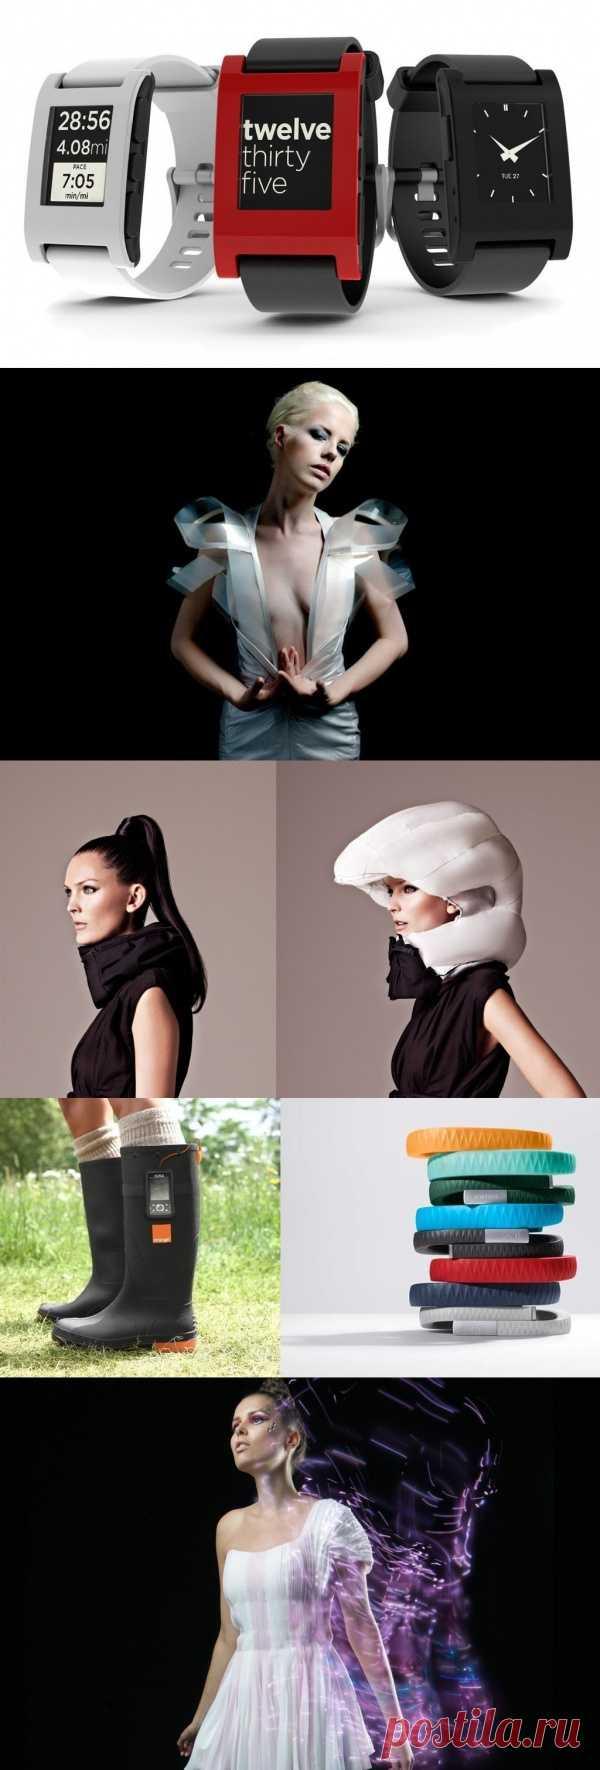 Хай-тек технологии для стильных вещей